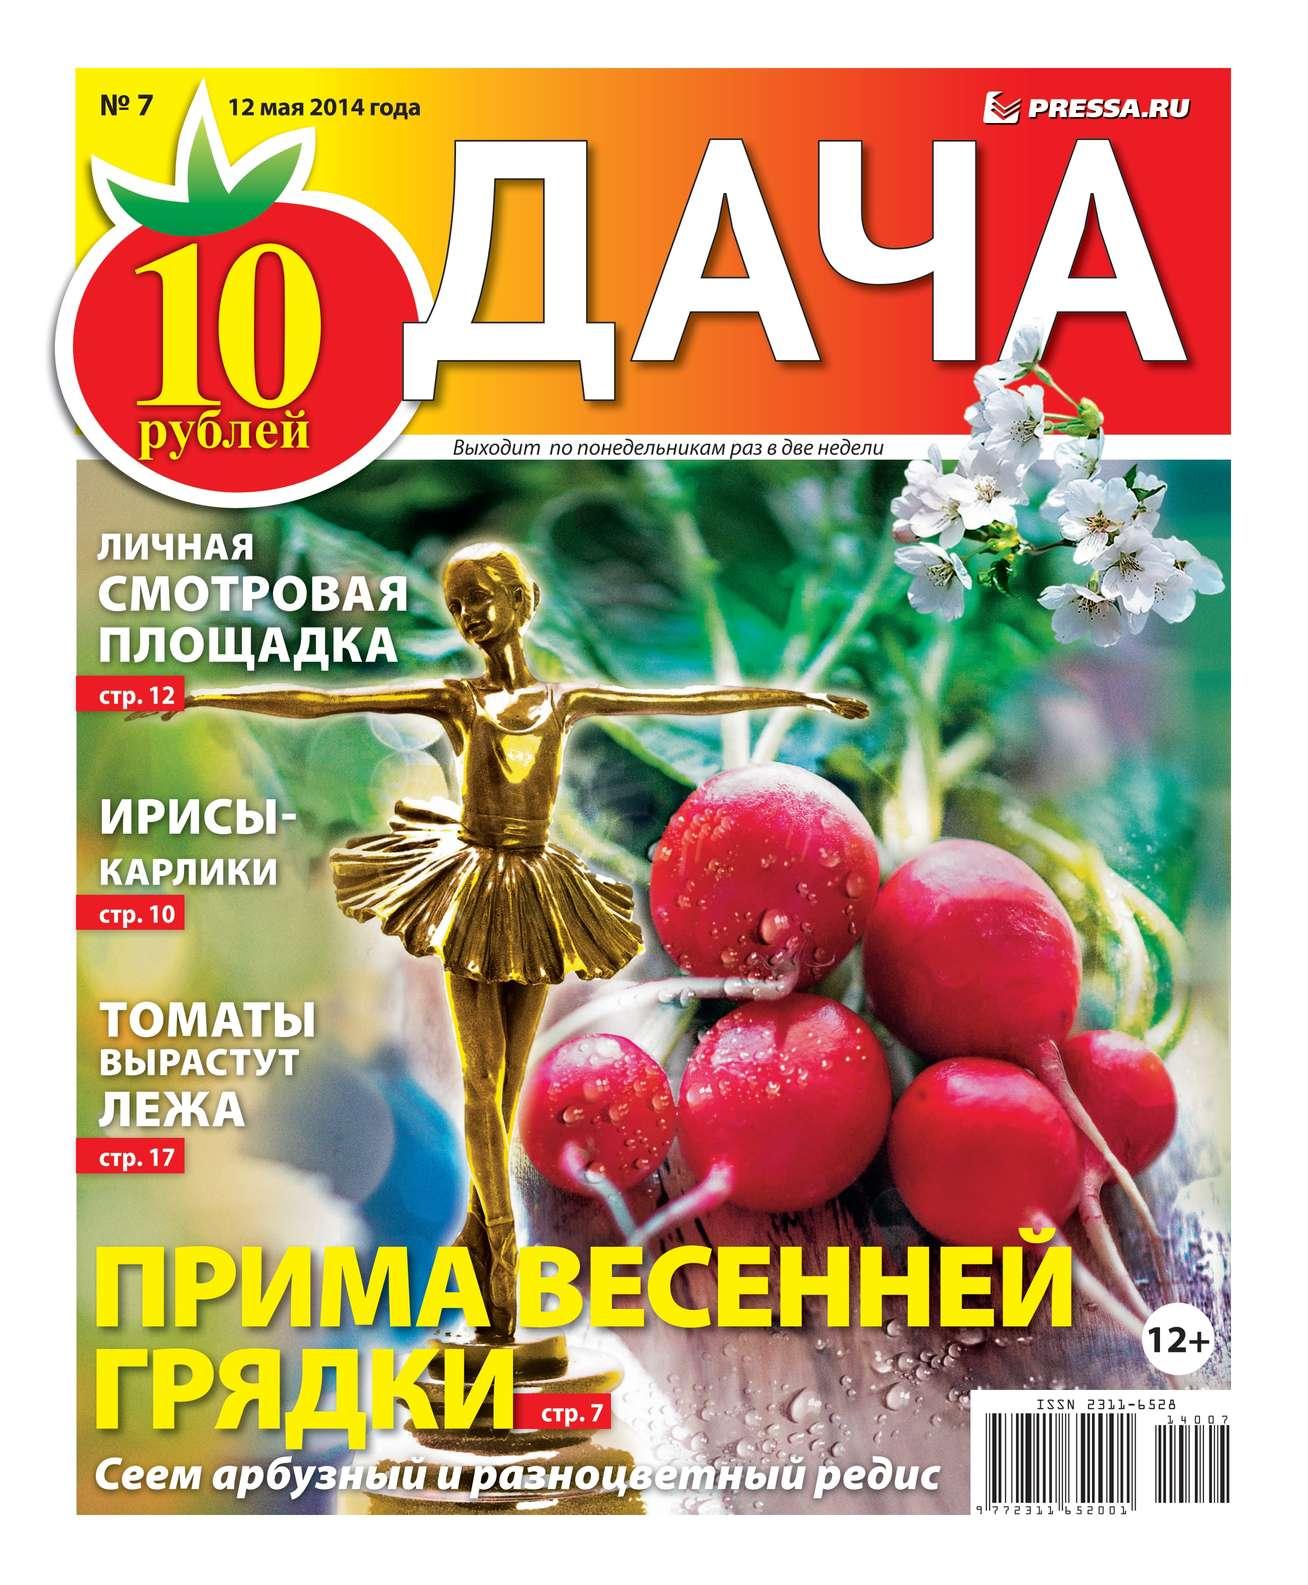 Редакция газеты Дача Pressa.ru Дача 07-2014